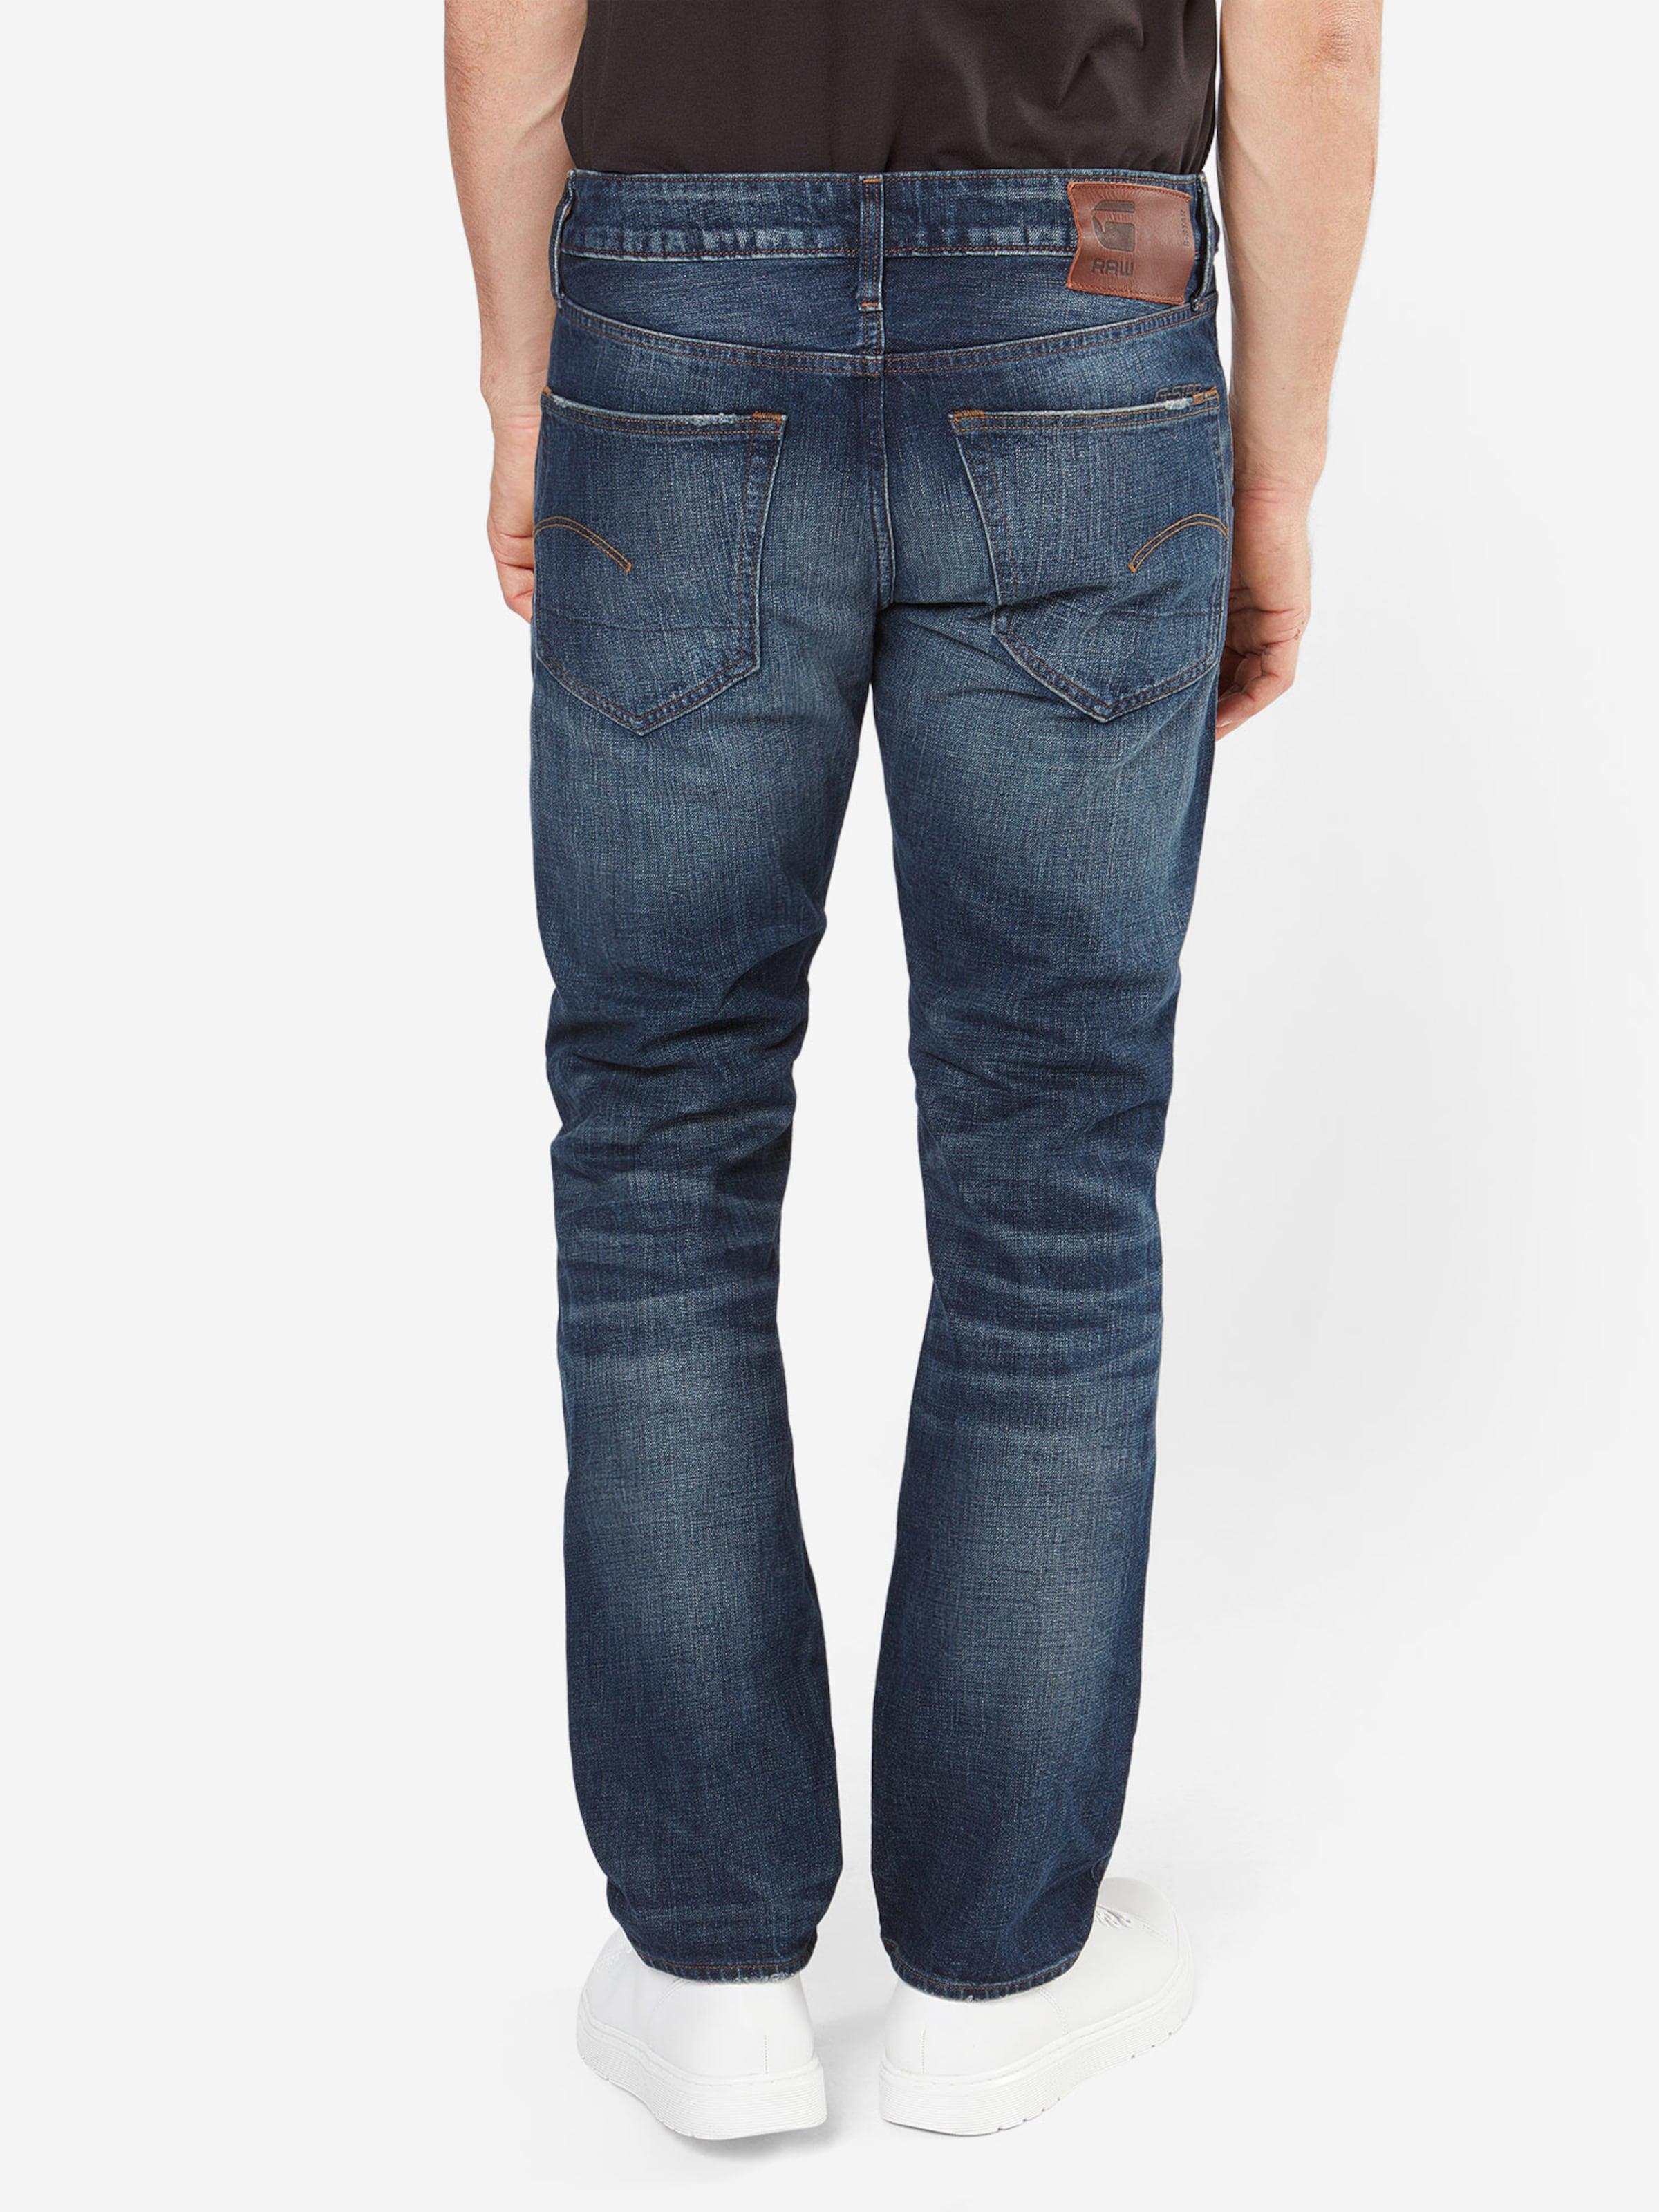 Spielraum Auslass Günstigsten Preis G-STAR RAW Jeans '3301 Straight' Günstige Manchester-Großer Verkauf NmlC3